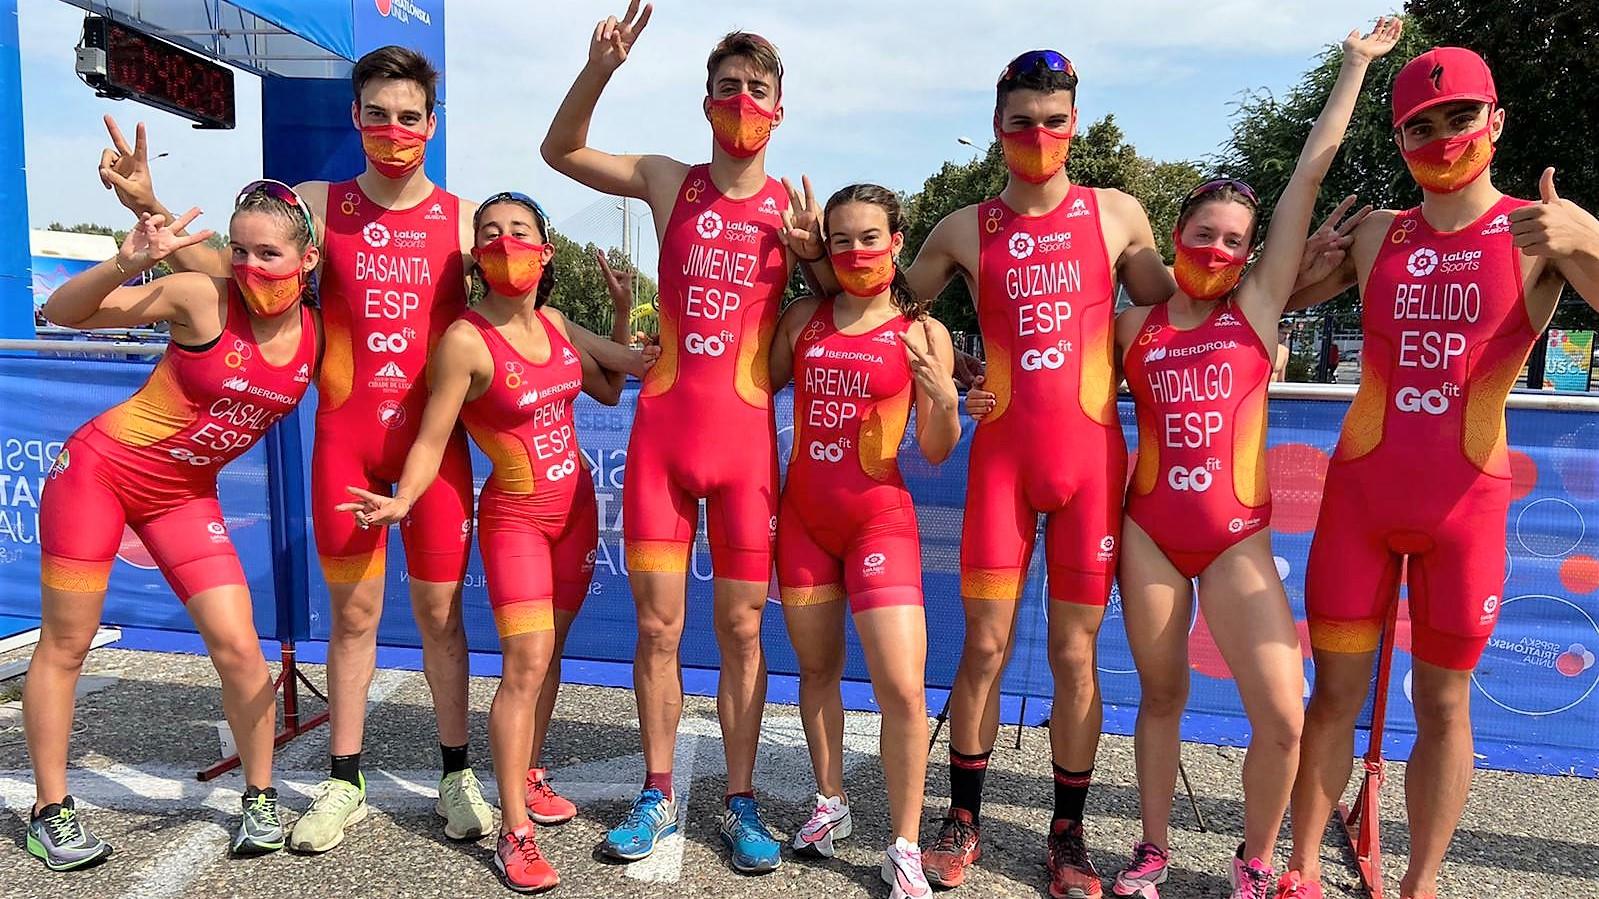 España copa los dos podios de la Copa de Europa de Triatlón Junior celebrada en Belgrado